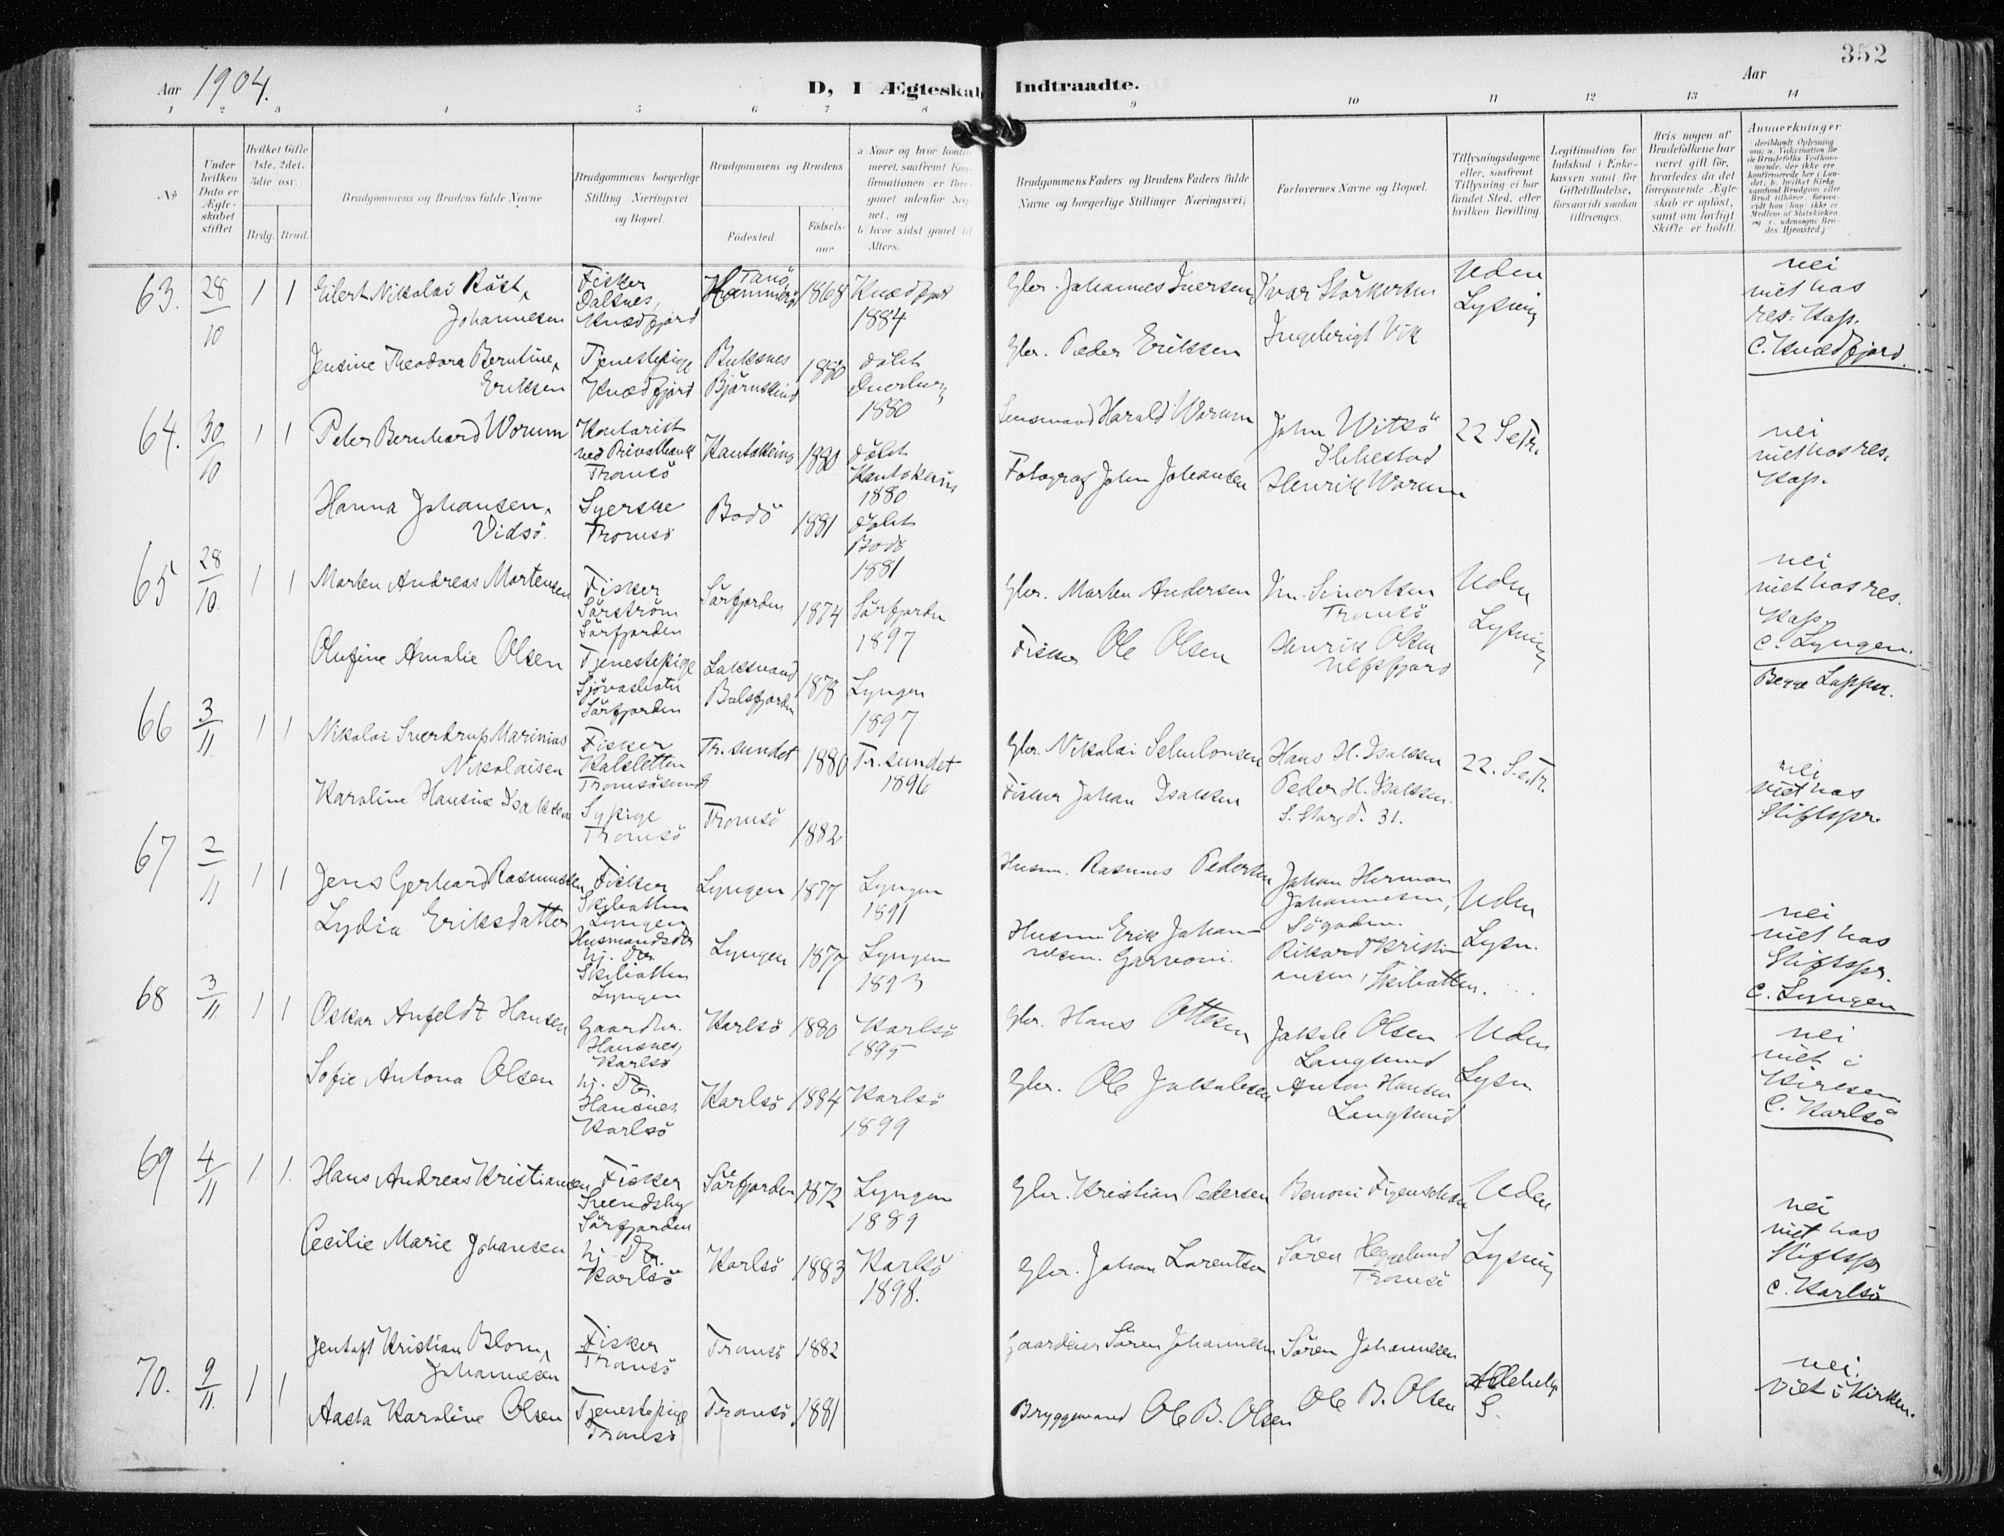 SATØ, Tromsø sokneprestkontor/stiftsprosti/domprosti, G/Ga/L0016kirke: Ministerialbok nr. 16, 1899-1906, s. 352